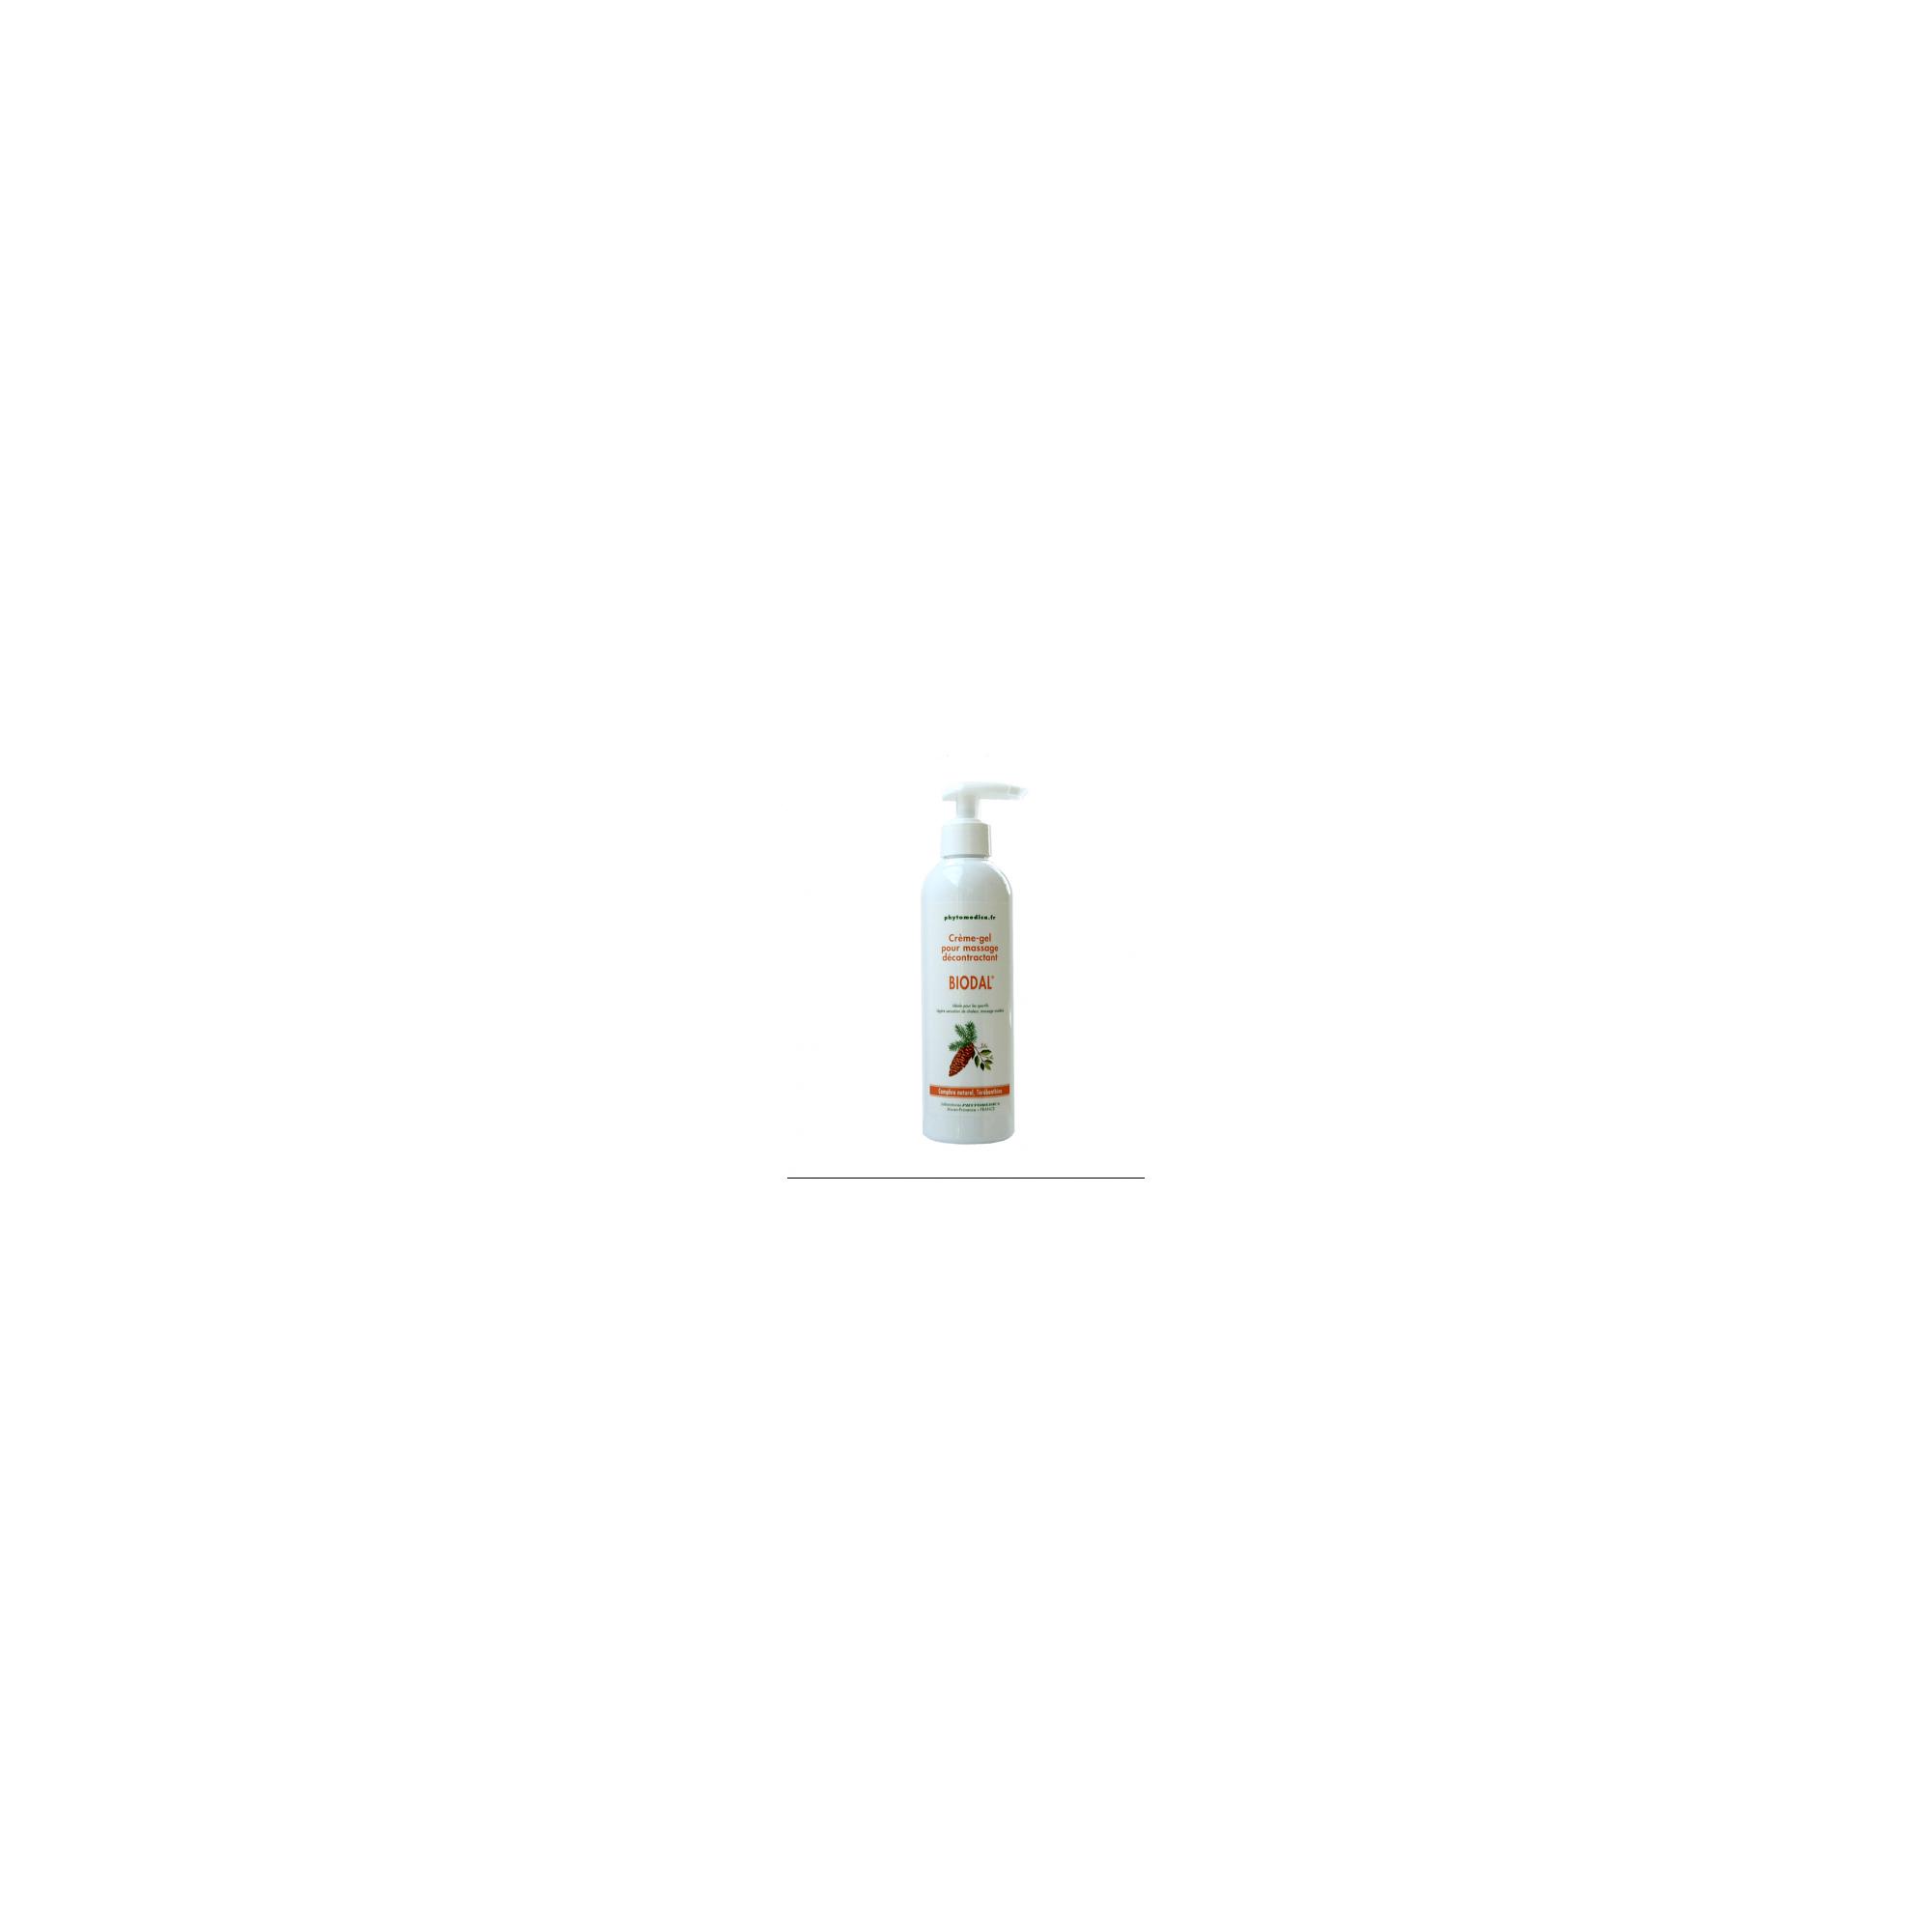 Crème-gel pour massage décontractant - Biodal - Flacon pompe de 250 ml